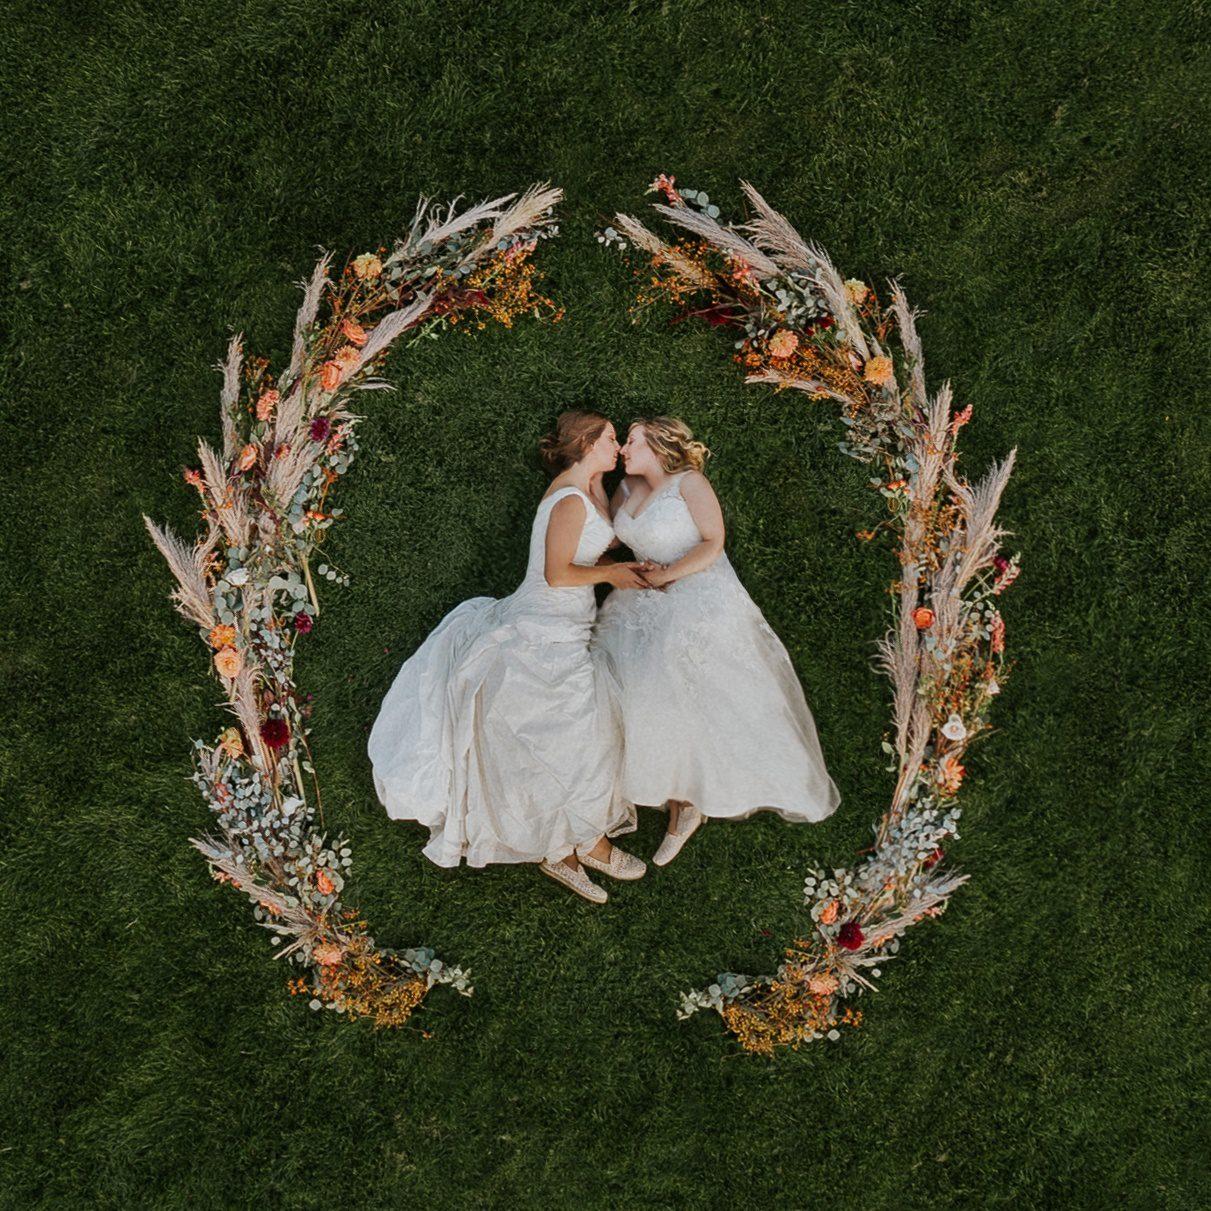 lgbt-wedding, same-sex-wedding, lgbtq-wedding, two-brides, two-brides-are-better-than-one, gay-wedding, lesbian-wedding